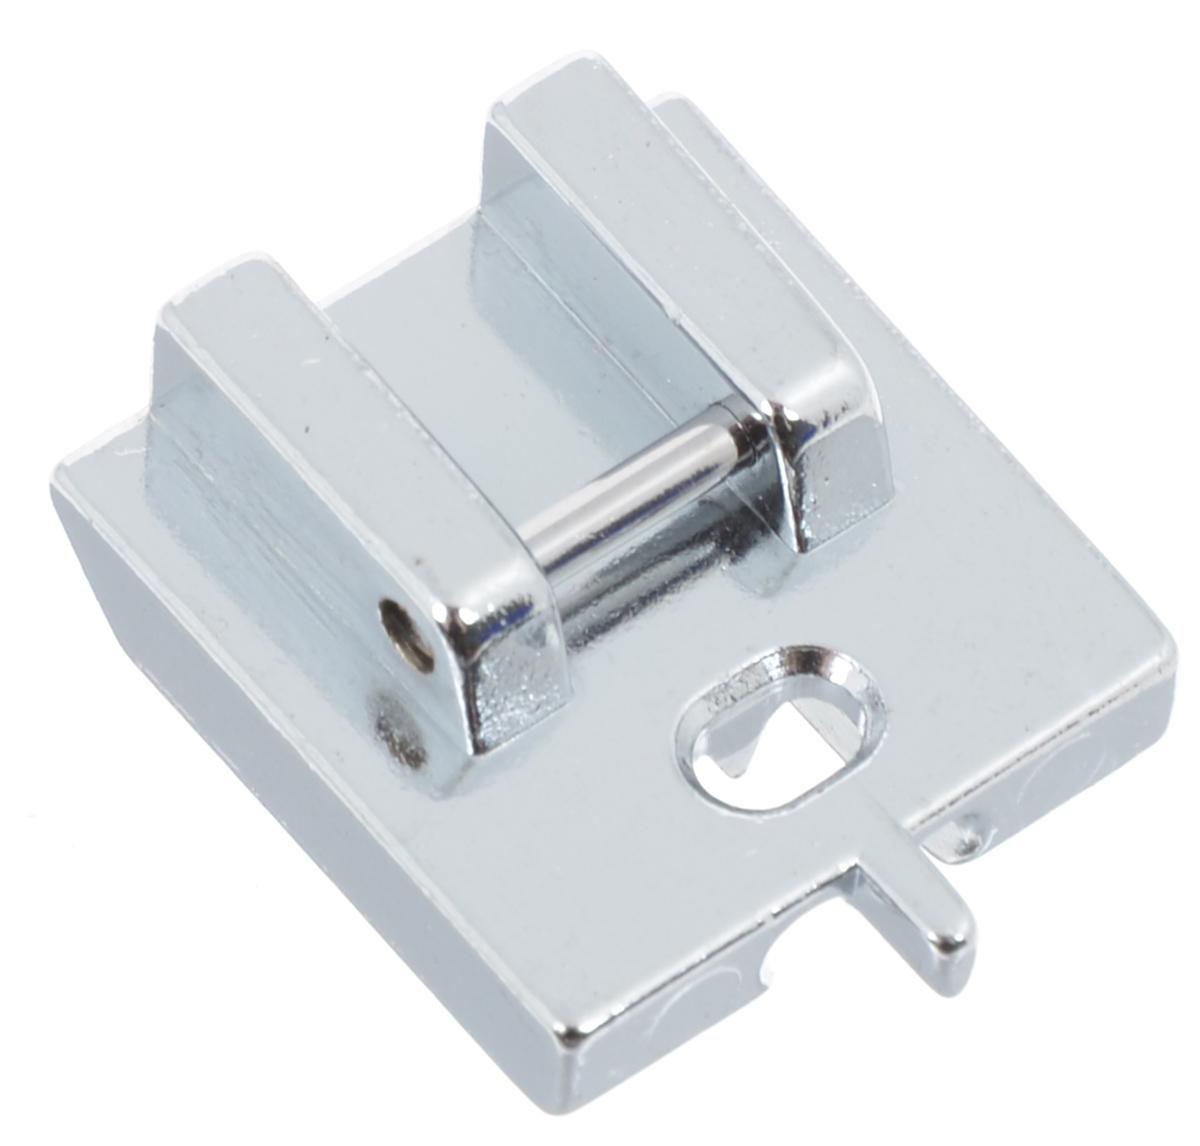 Лапка для швейной машины Aurora, для потайной молнии, с направляющей311813Лапка для швейной машины Aurora используется для вшивания потайной молнии. Направитель в передней части лапки помогает надежно зафиксировать молнию, предотвращает смещение зубцов в процессе пришивания застежки-молнии. Лапка подходит для большинства современных бытовых швейных машин. Инструкция по использованию прилагается.